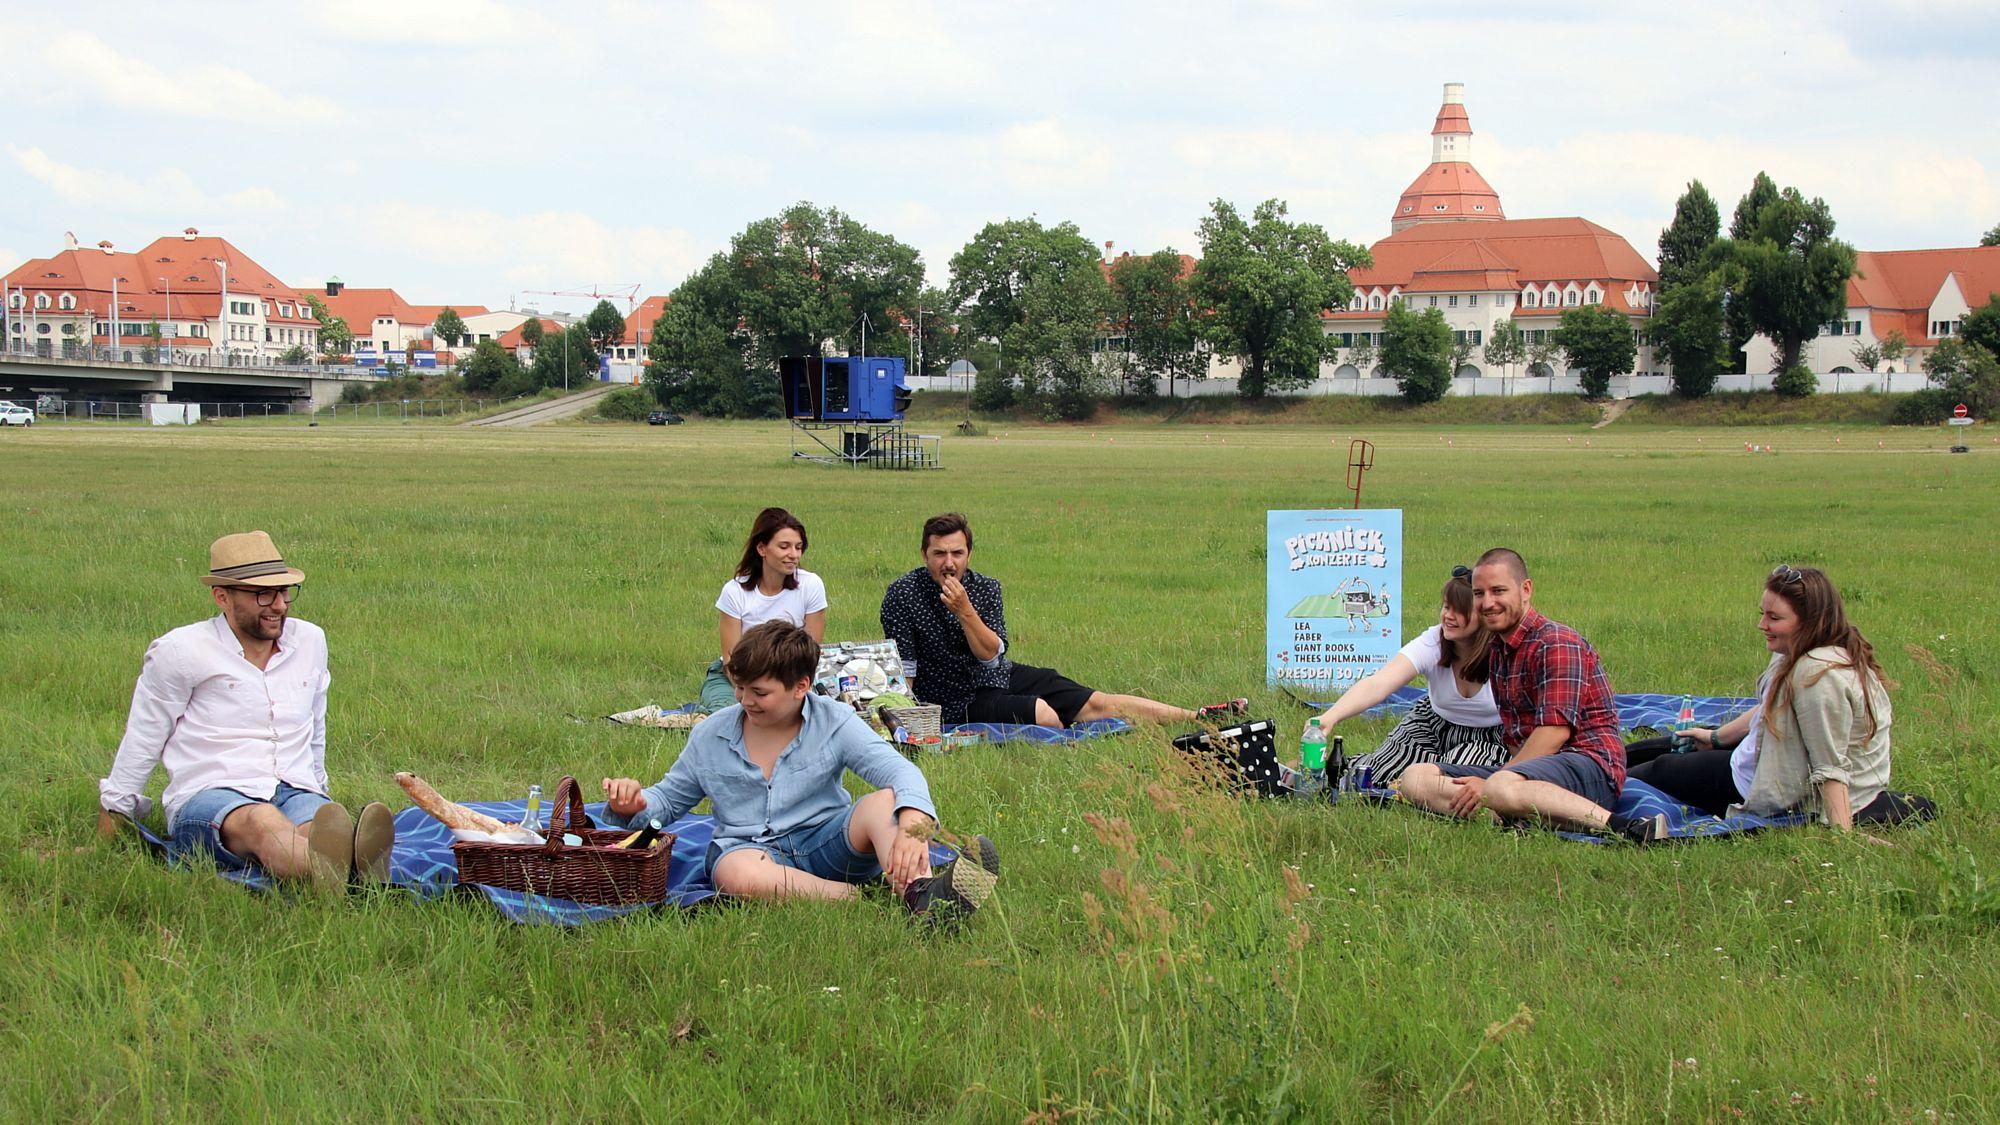 Picknick-Konzerte in der Rinne.